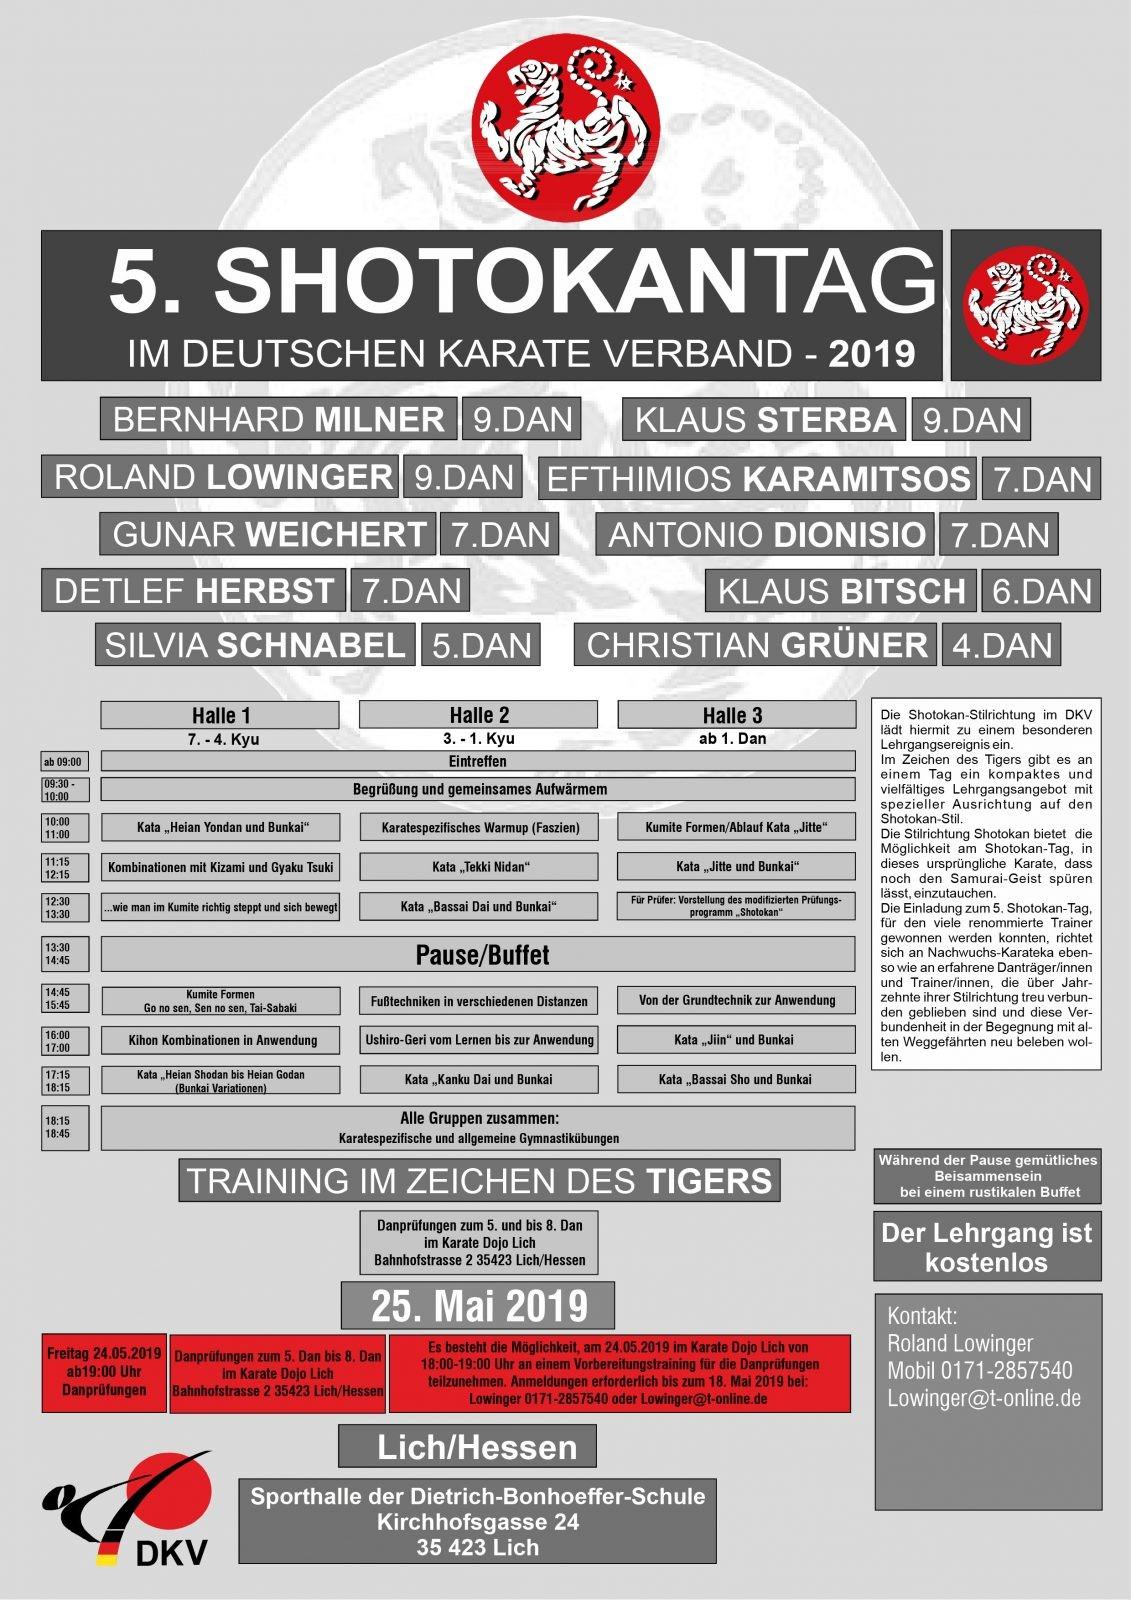 5. Shotokantag